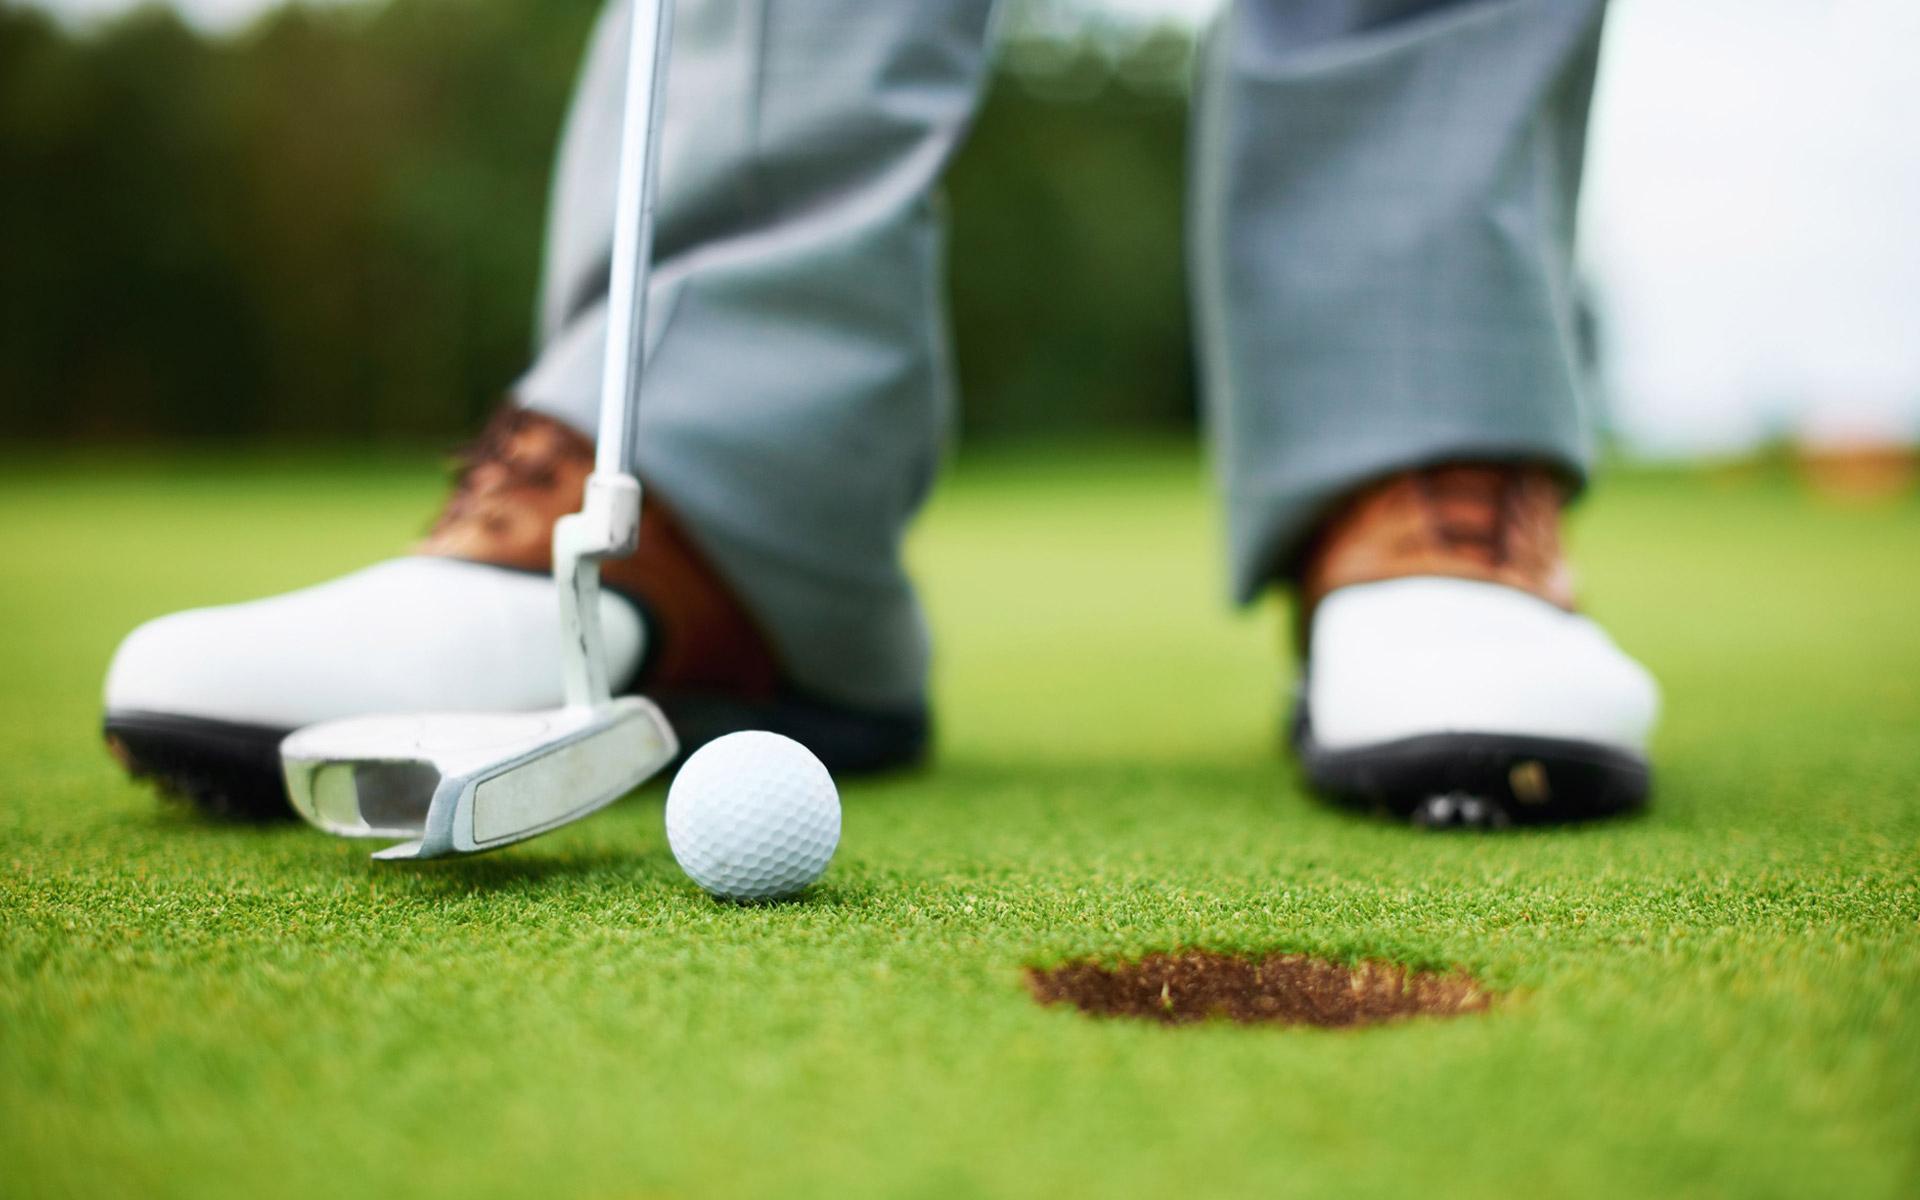 спорт sports гольф Golf  № 3310295 загрузить